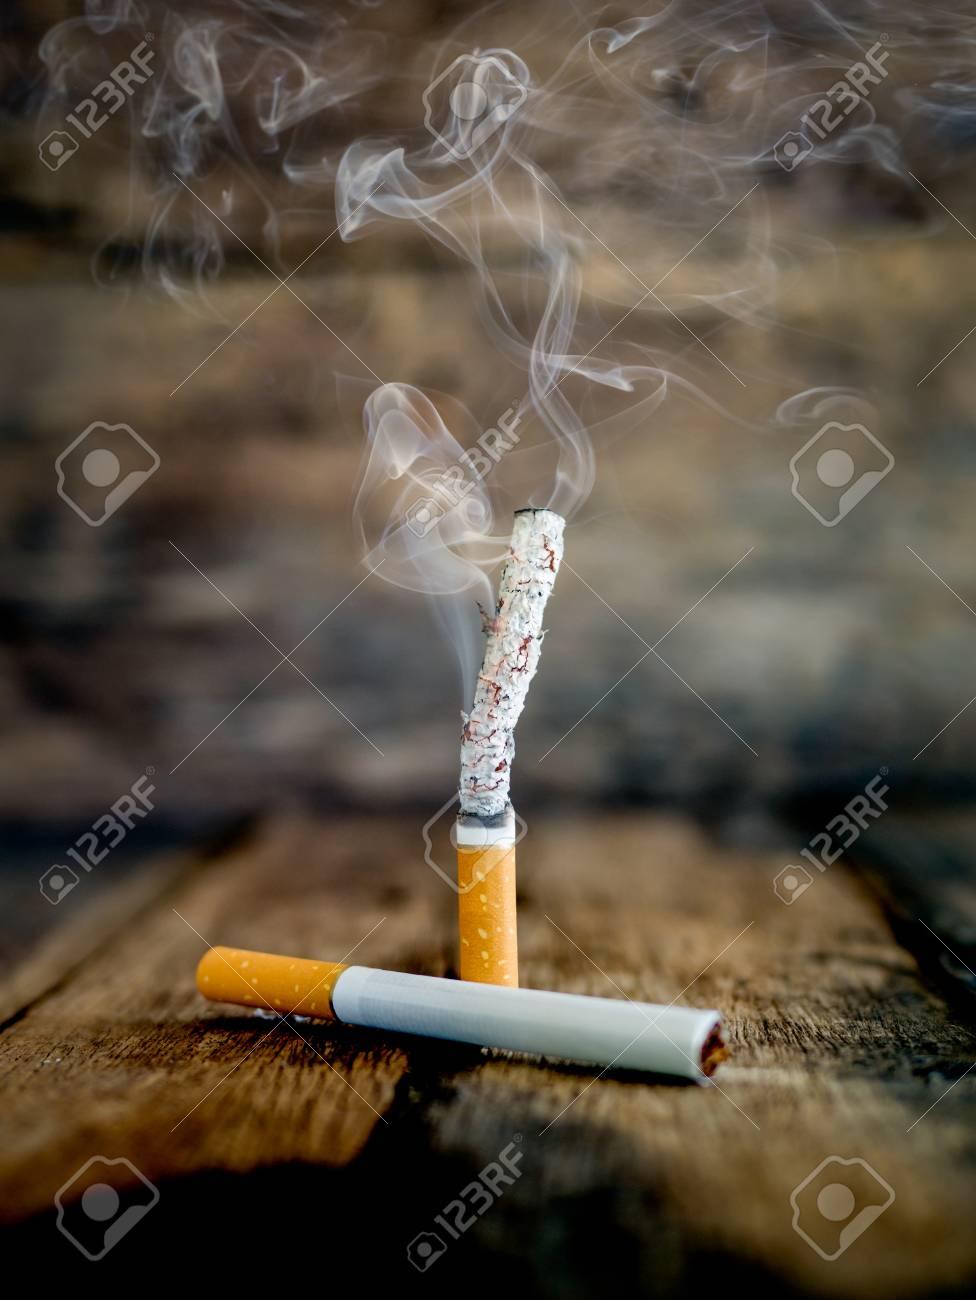 zigaretten toxine hpv virus zdravljenje